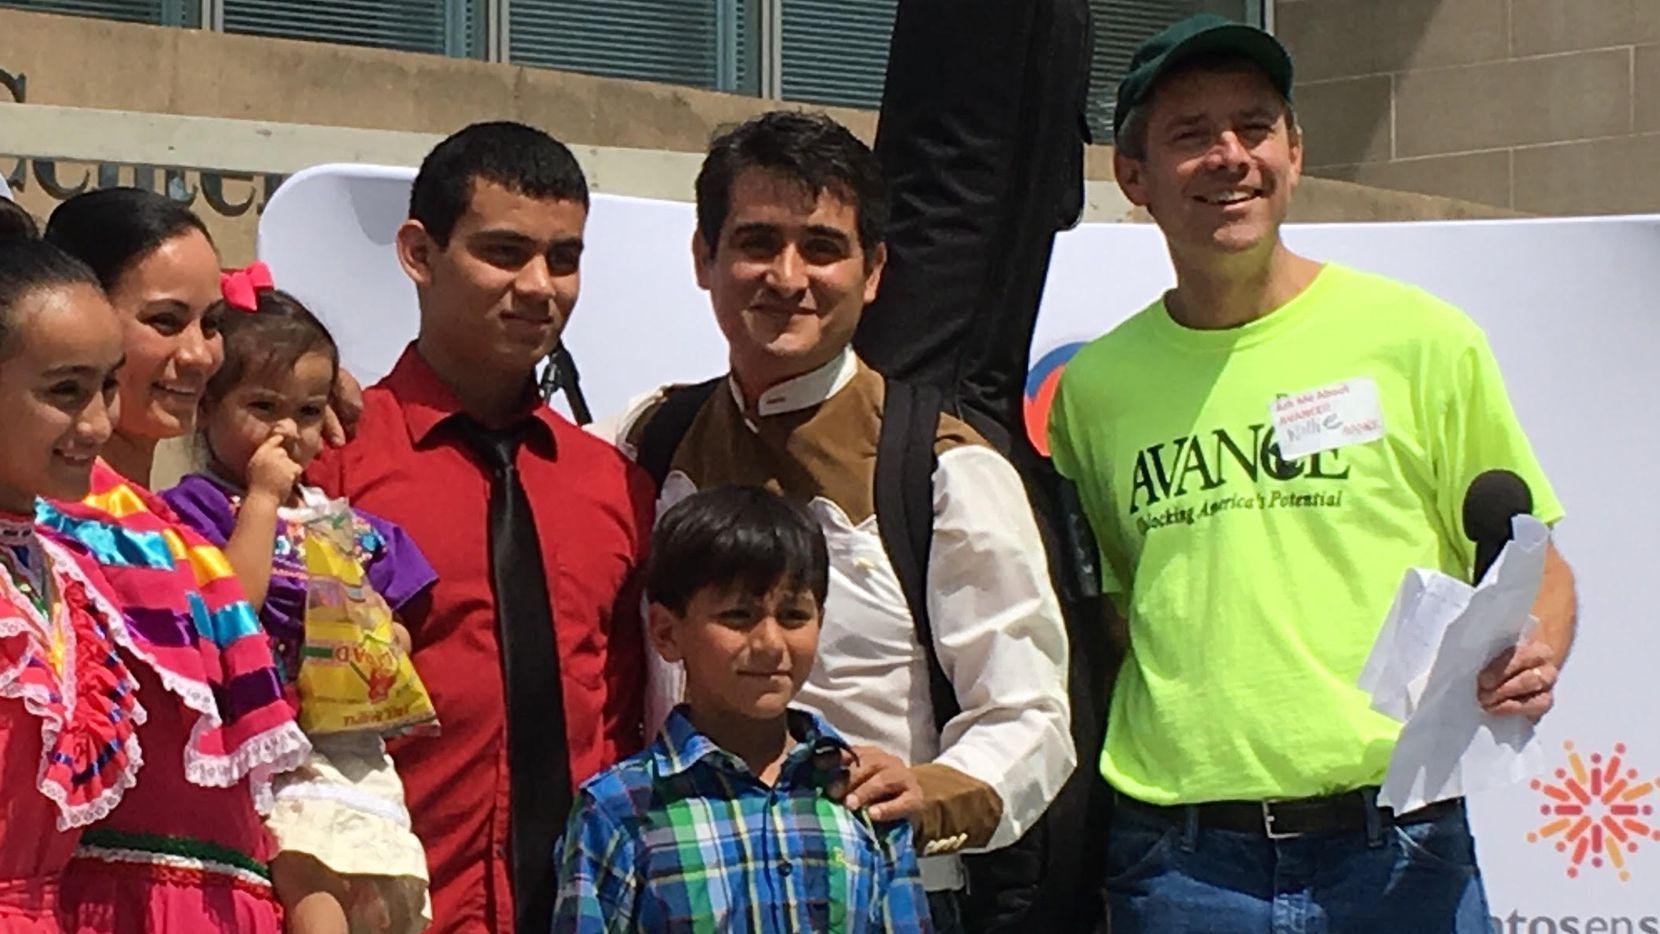 """La familia Ramírez quedó en segundo lugar durante el concurso """"Mero, Mero"""" infantil en el Latino Street Fest y Feria de los Hispanos en Dallas el sábado. (KARINA RAMÍREZ/AL DÍA)"""